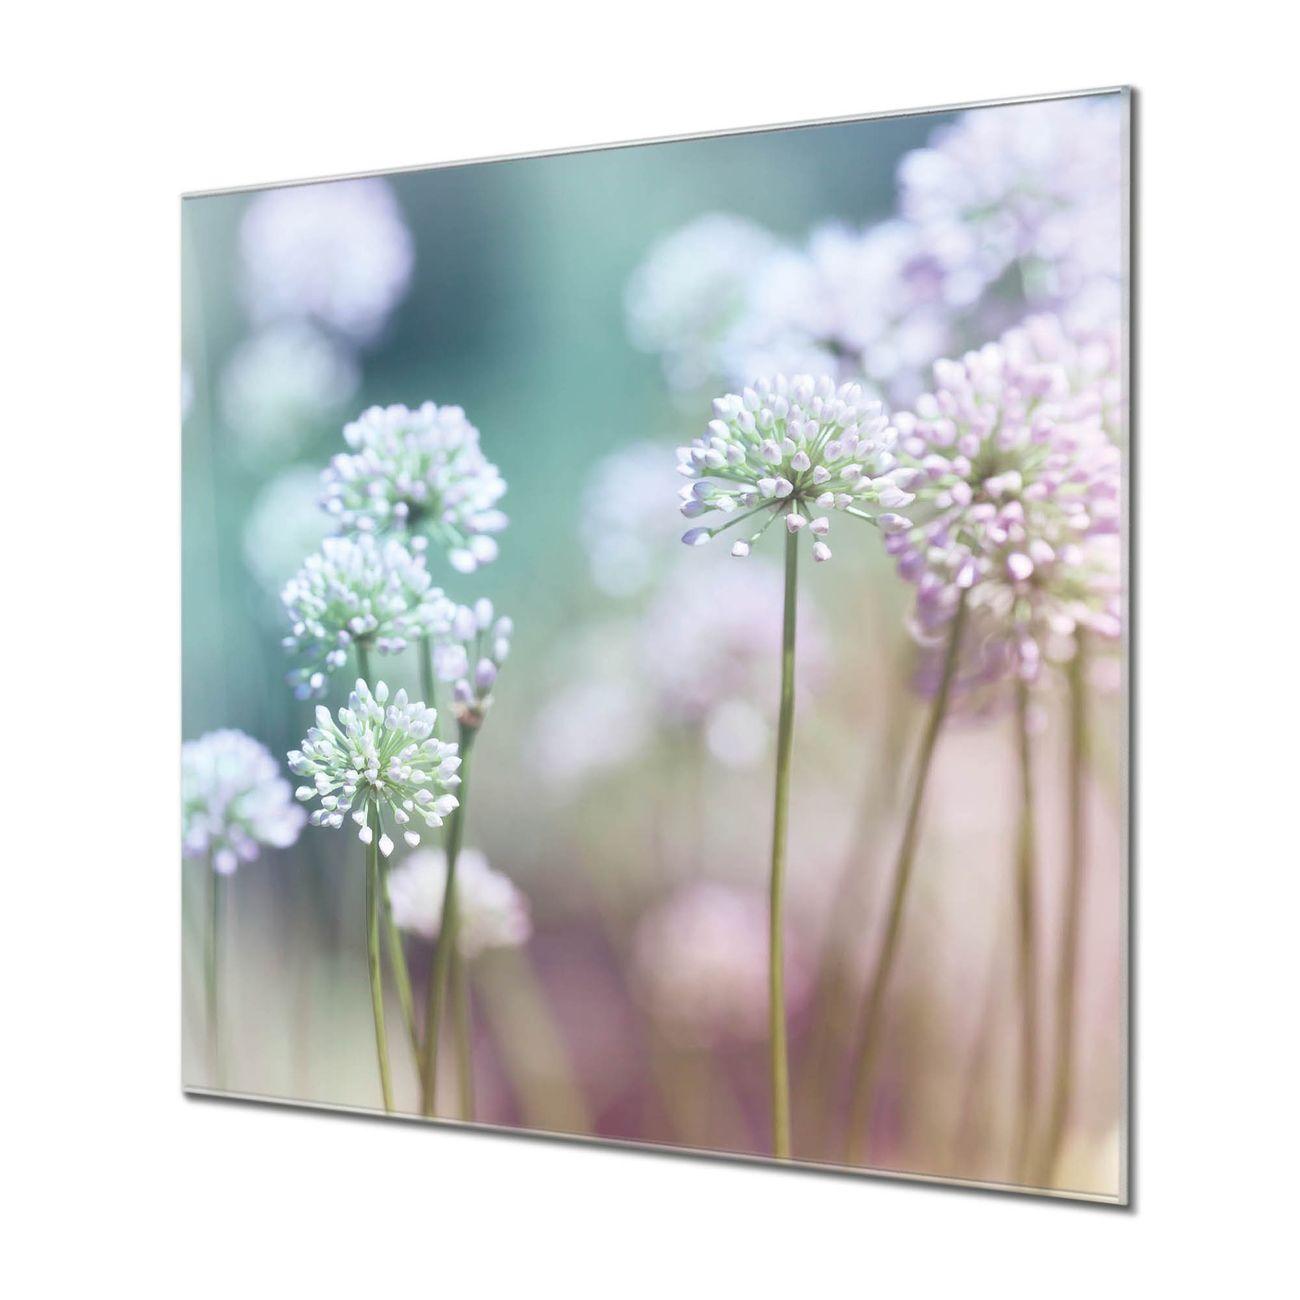 Küchenrückwand Glas Motiv Lauchblüte